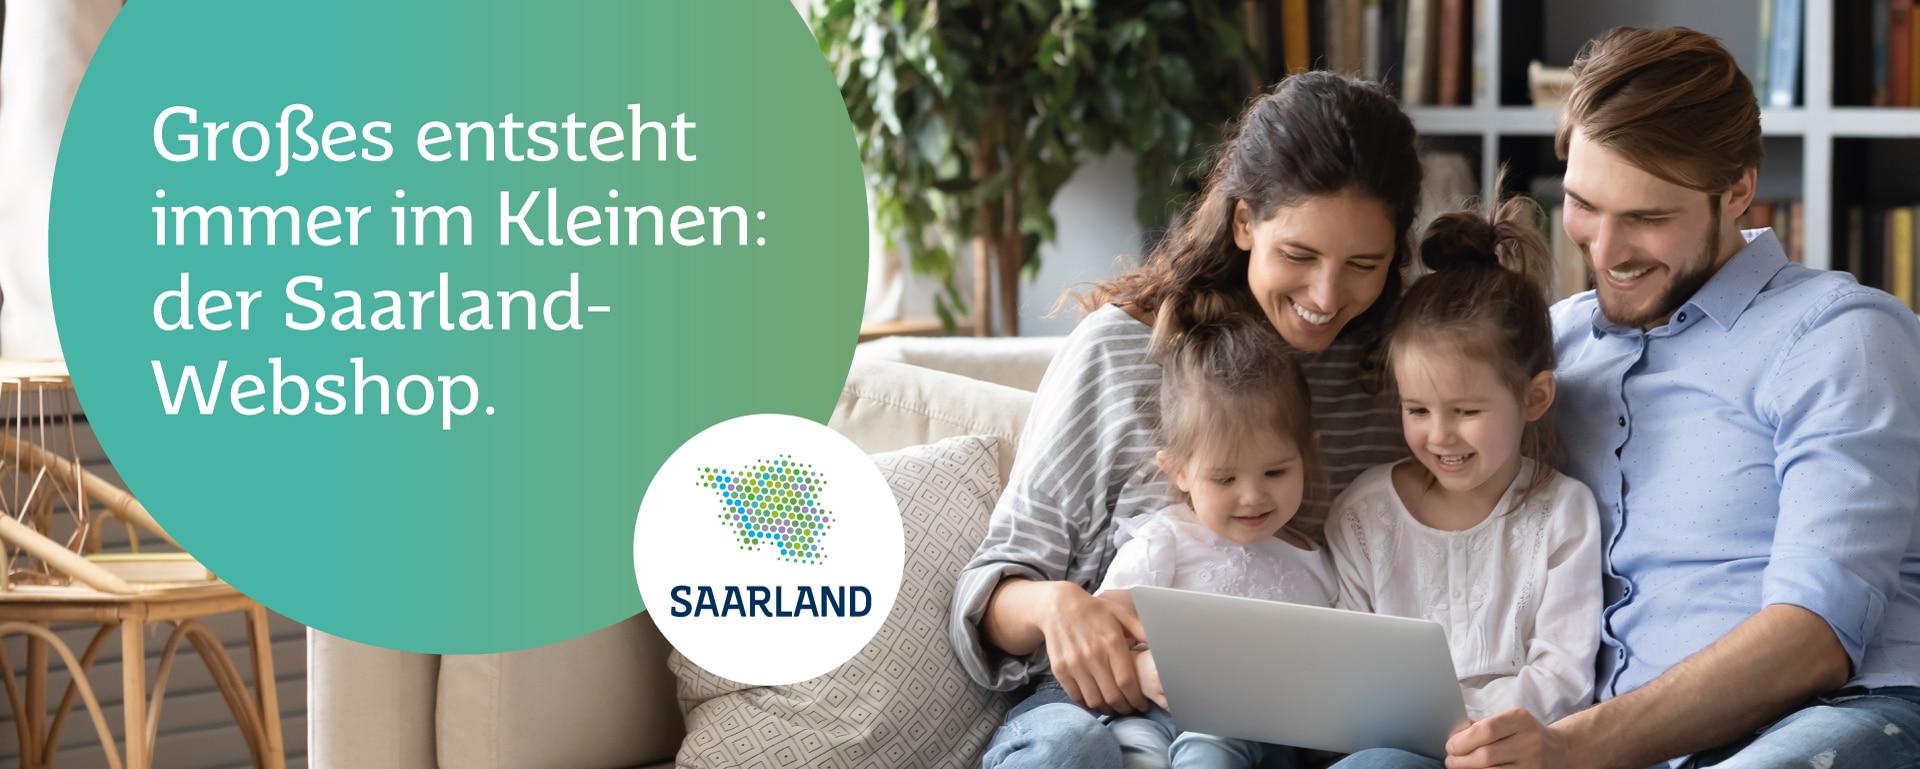 Webshop Saarland Familie